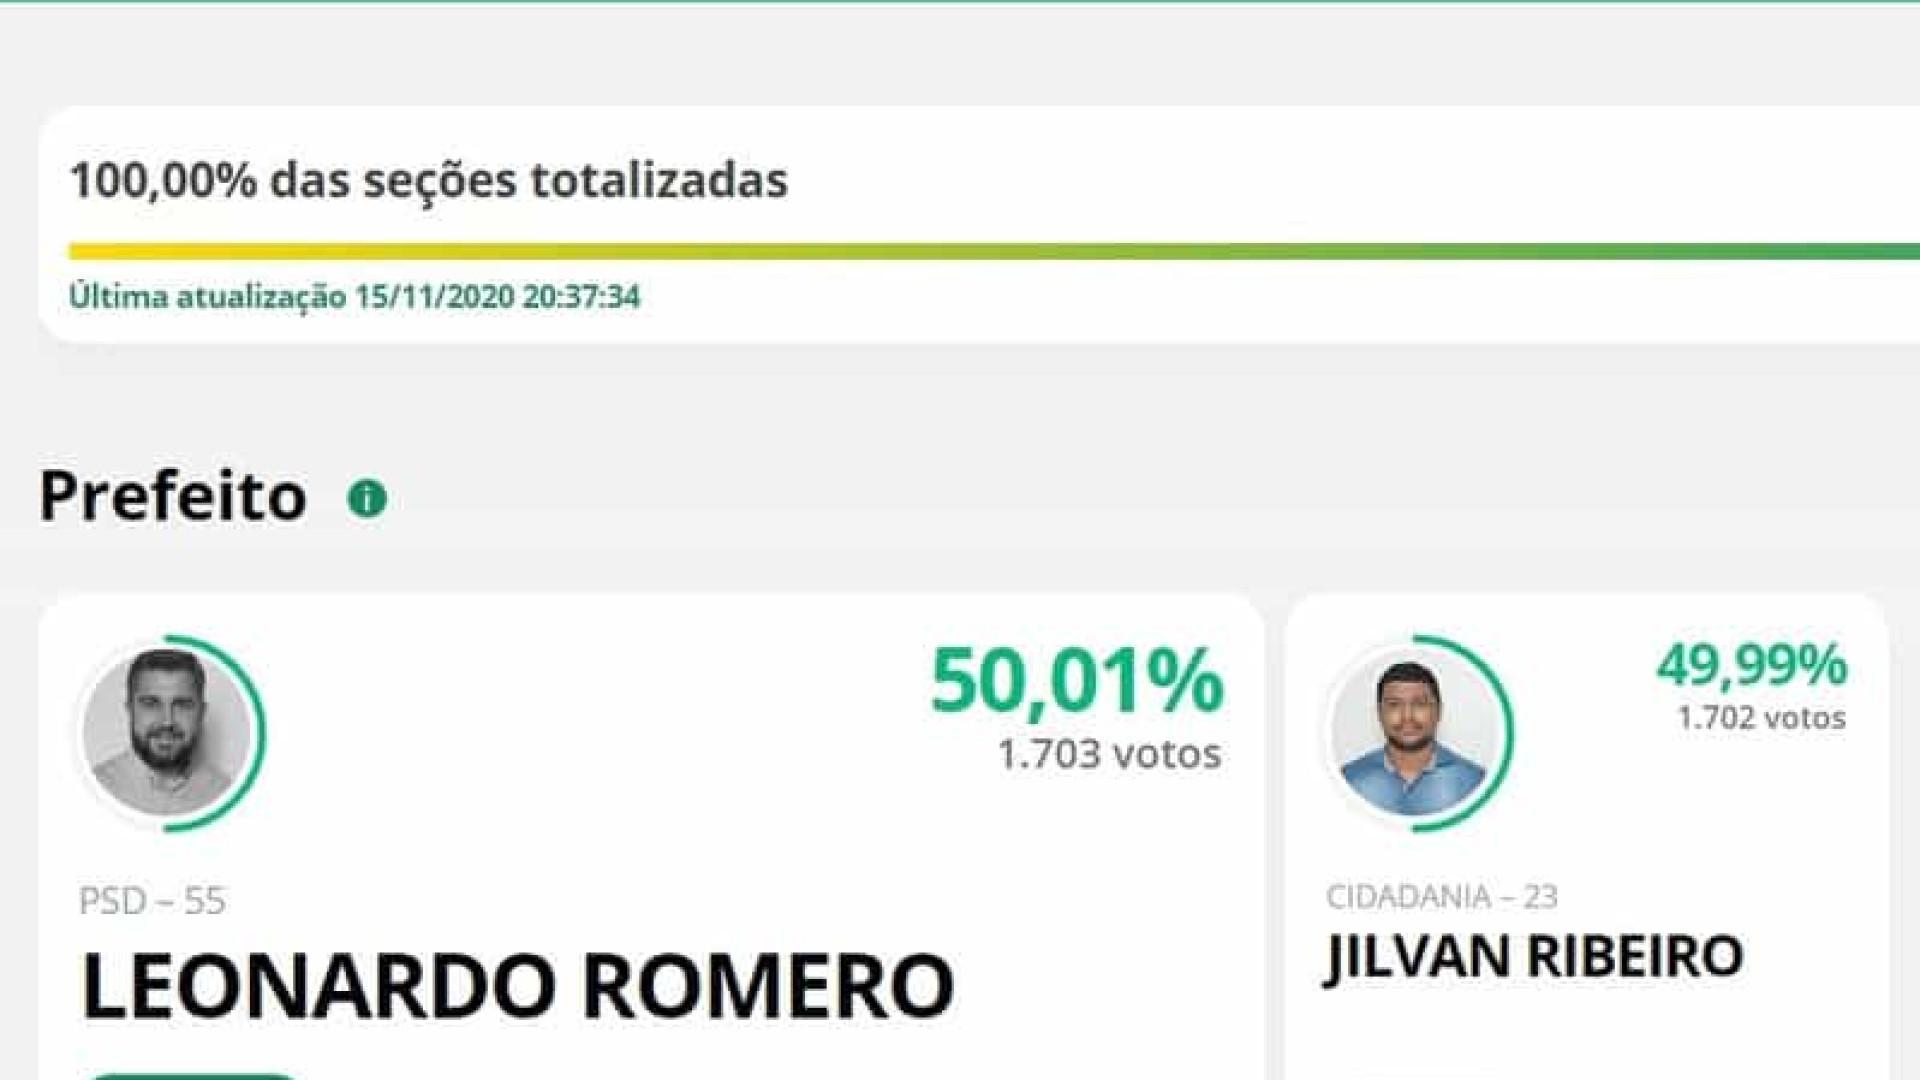 Prefeito é eleito com um voto de diferença em Quinta do Sol, no Paraná